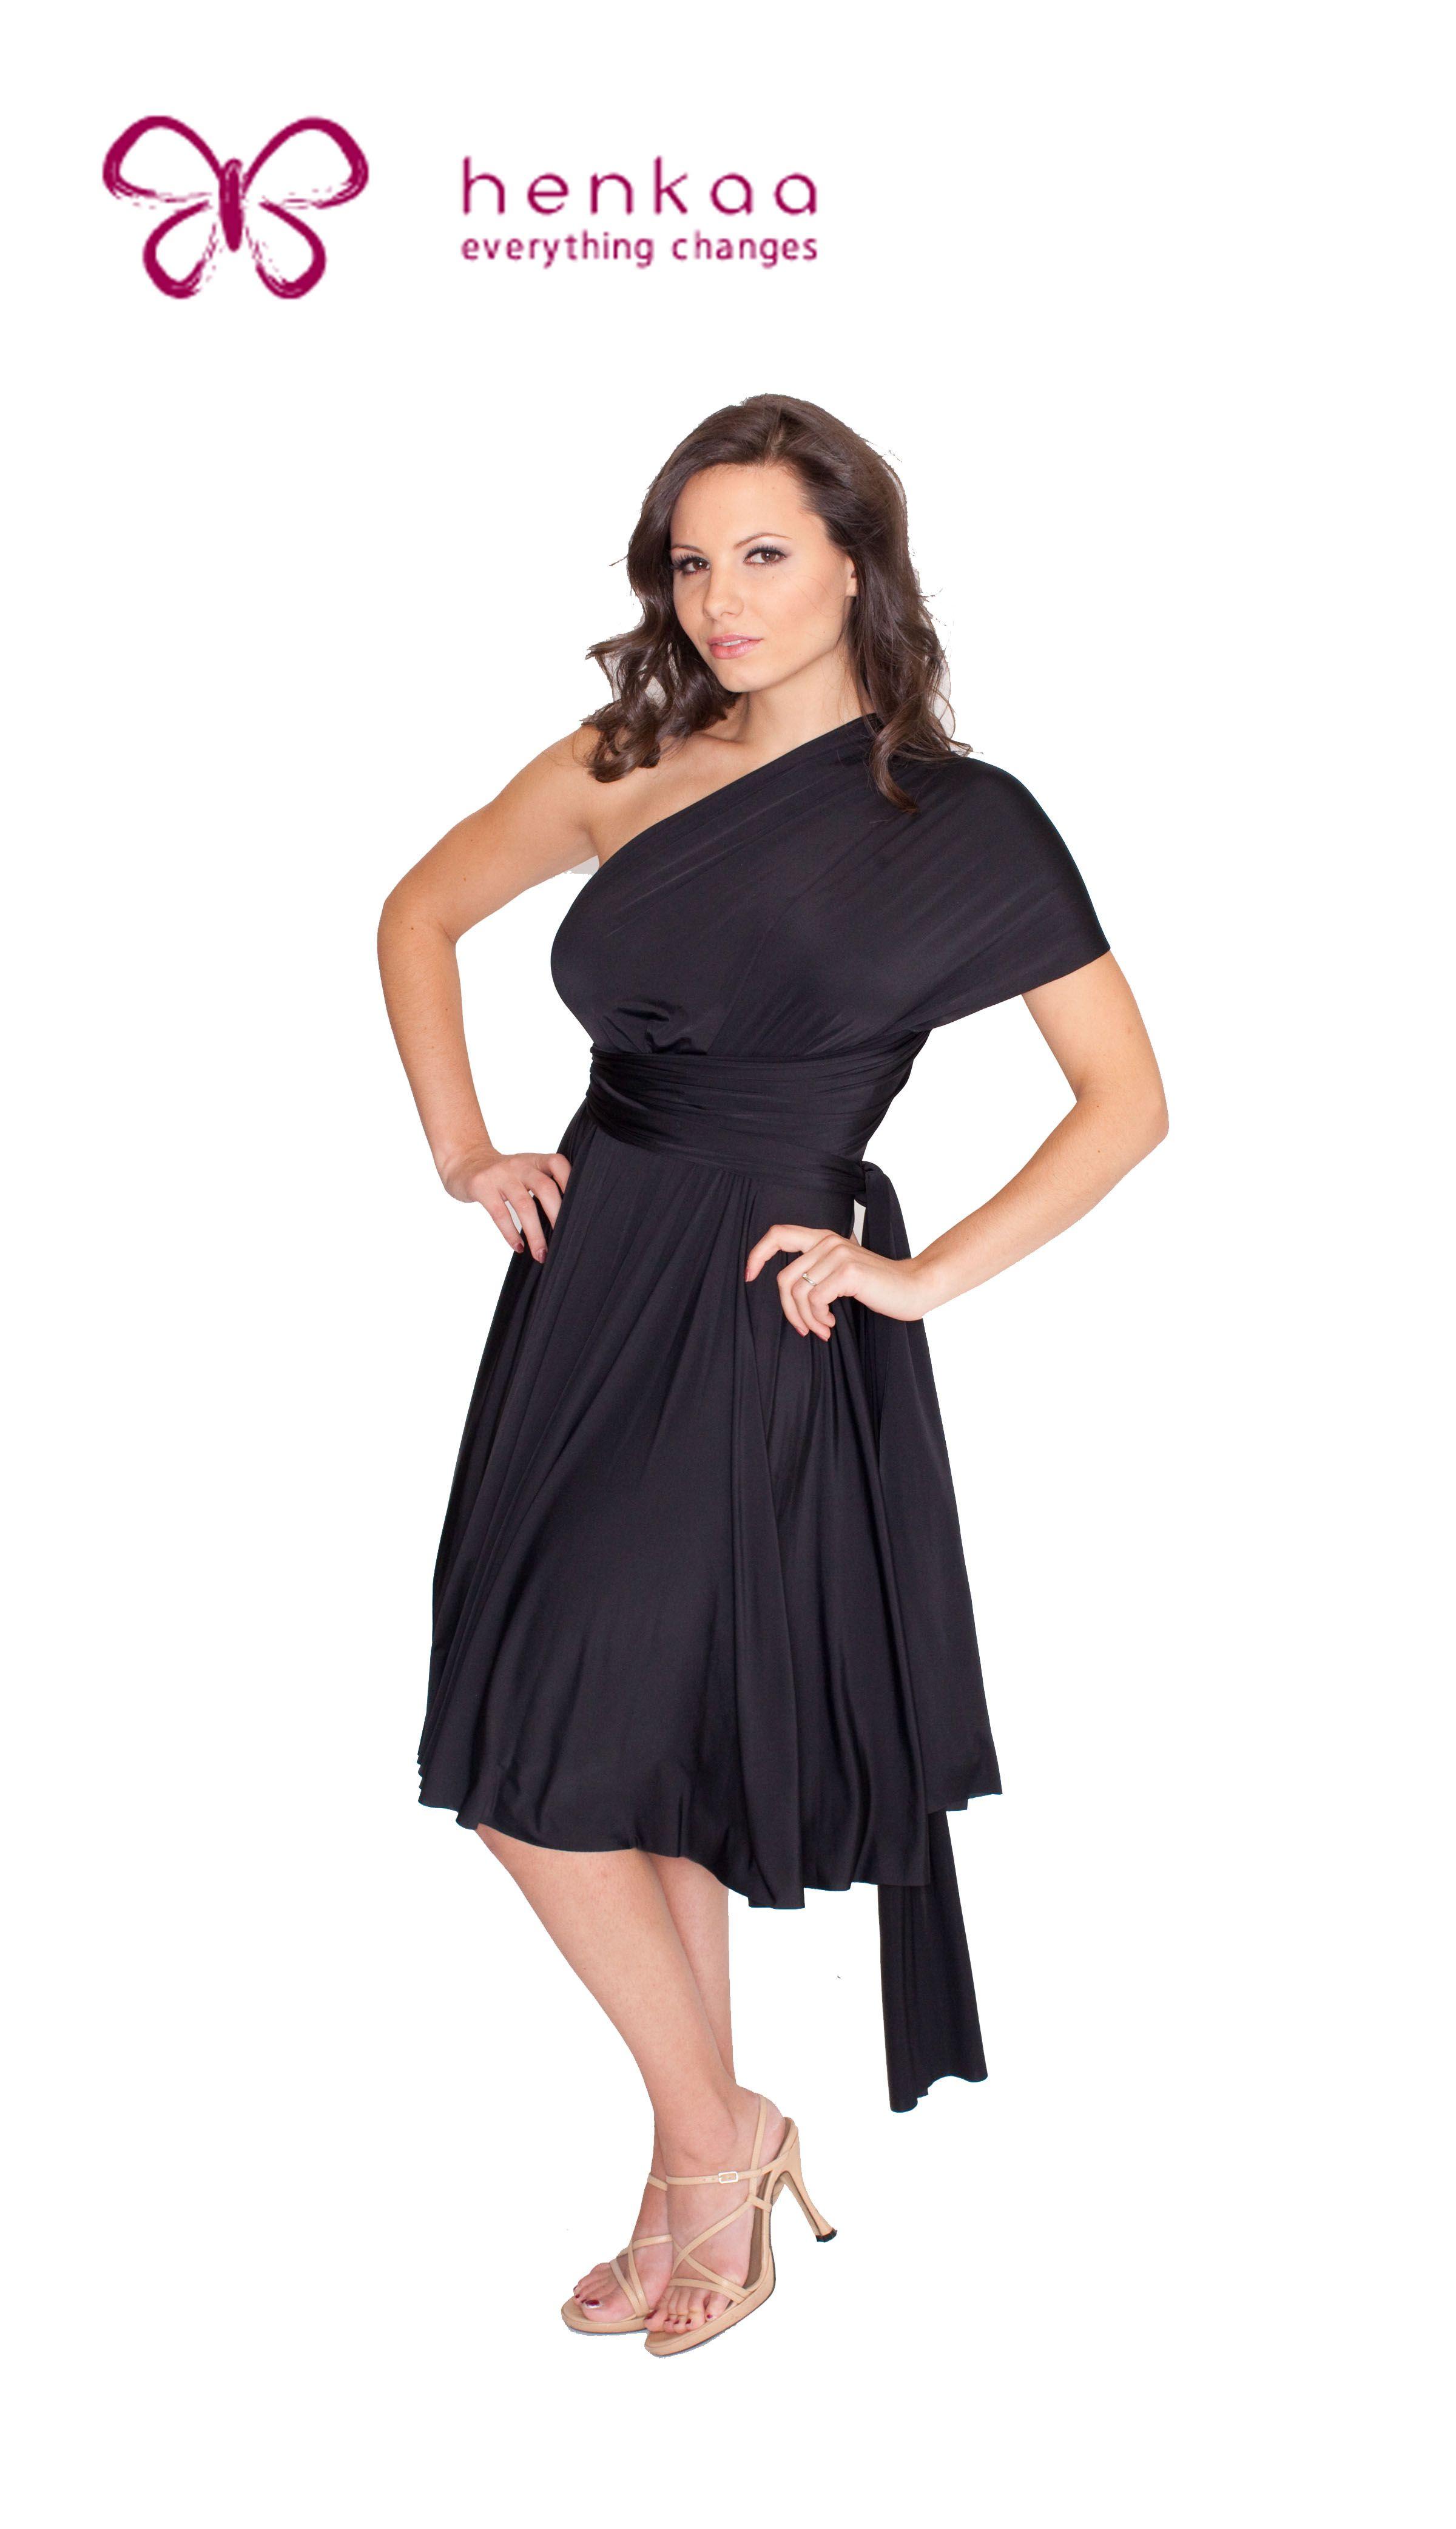 df1275470c4c Henkaa Sakura Convertible Short Dress $128.00 www.henkaa.com   Henkaa